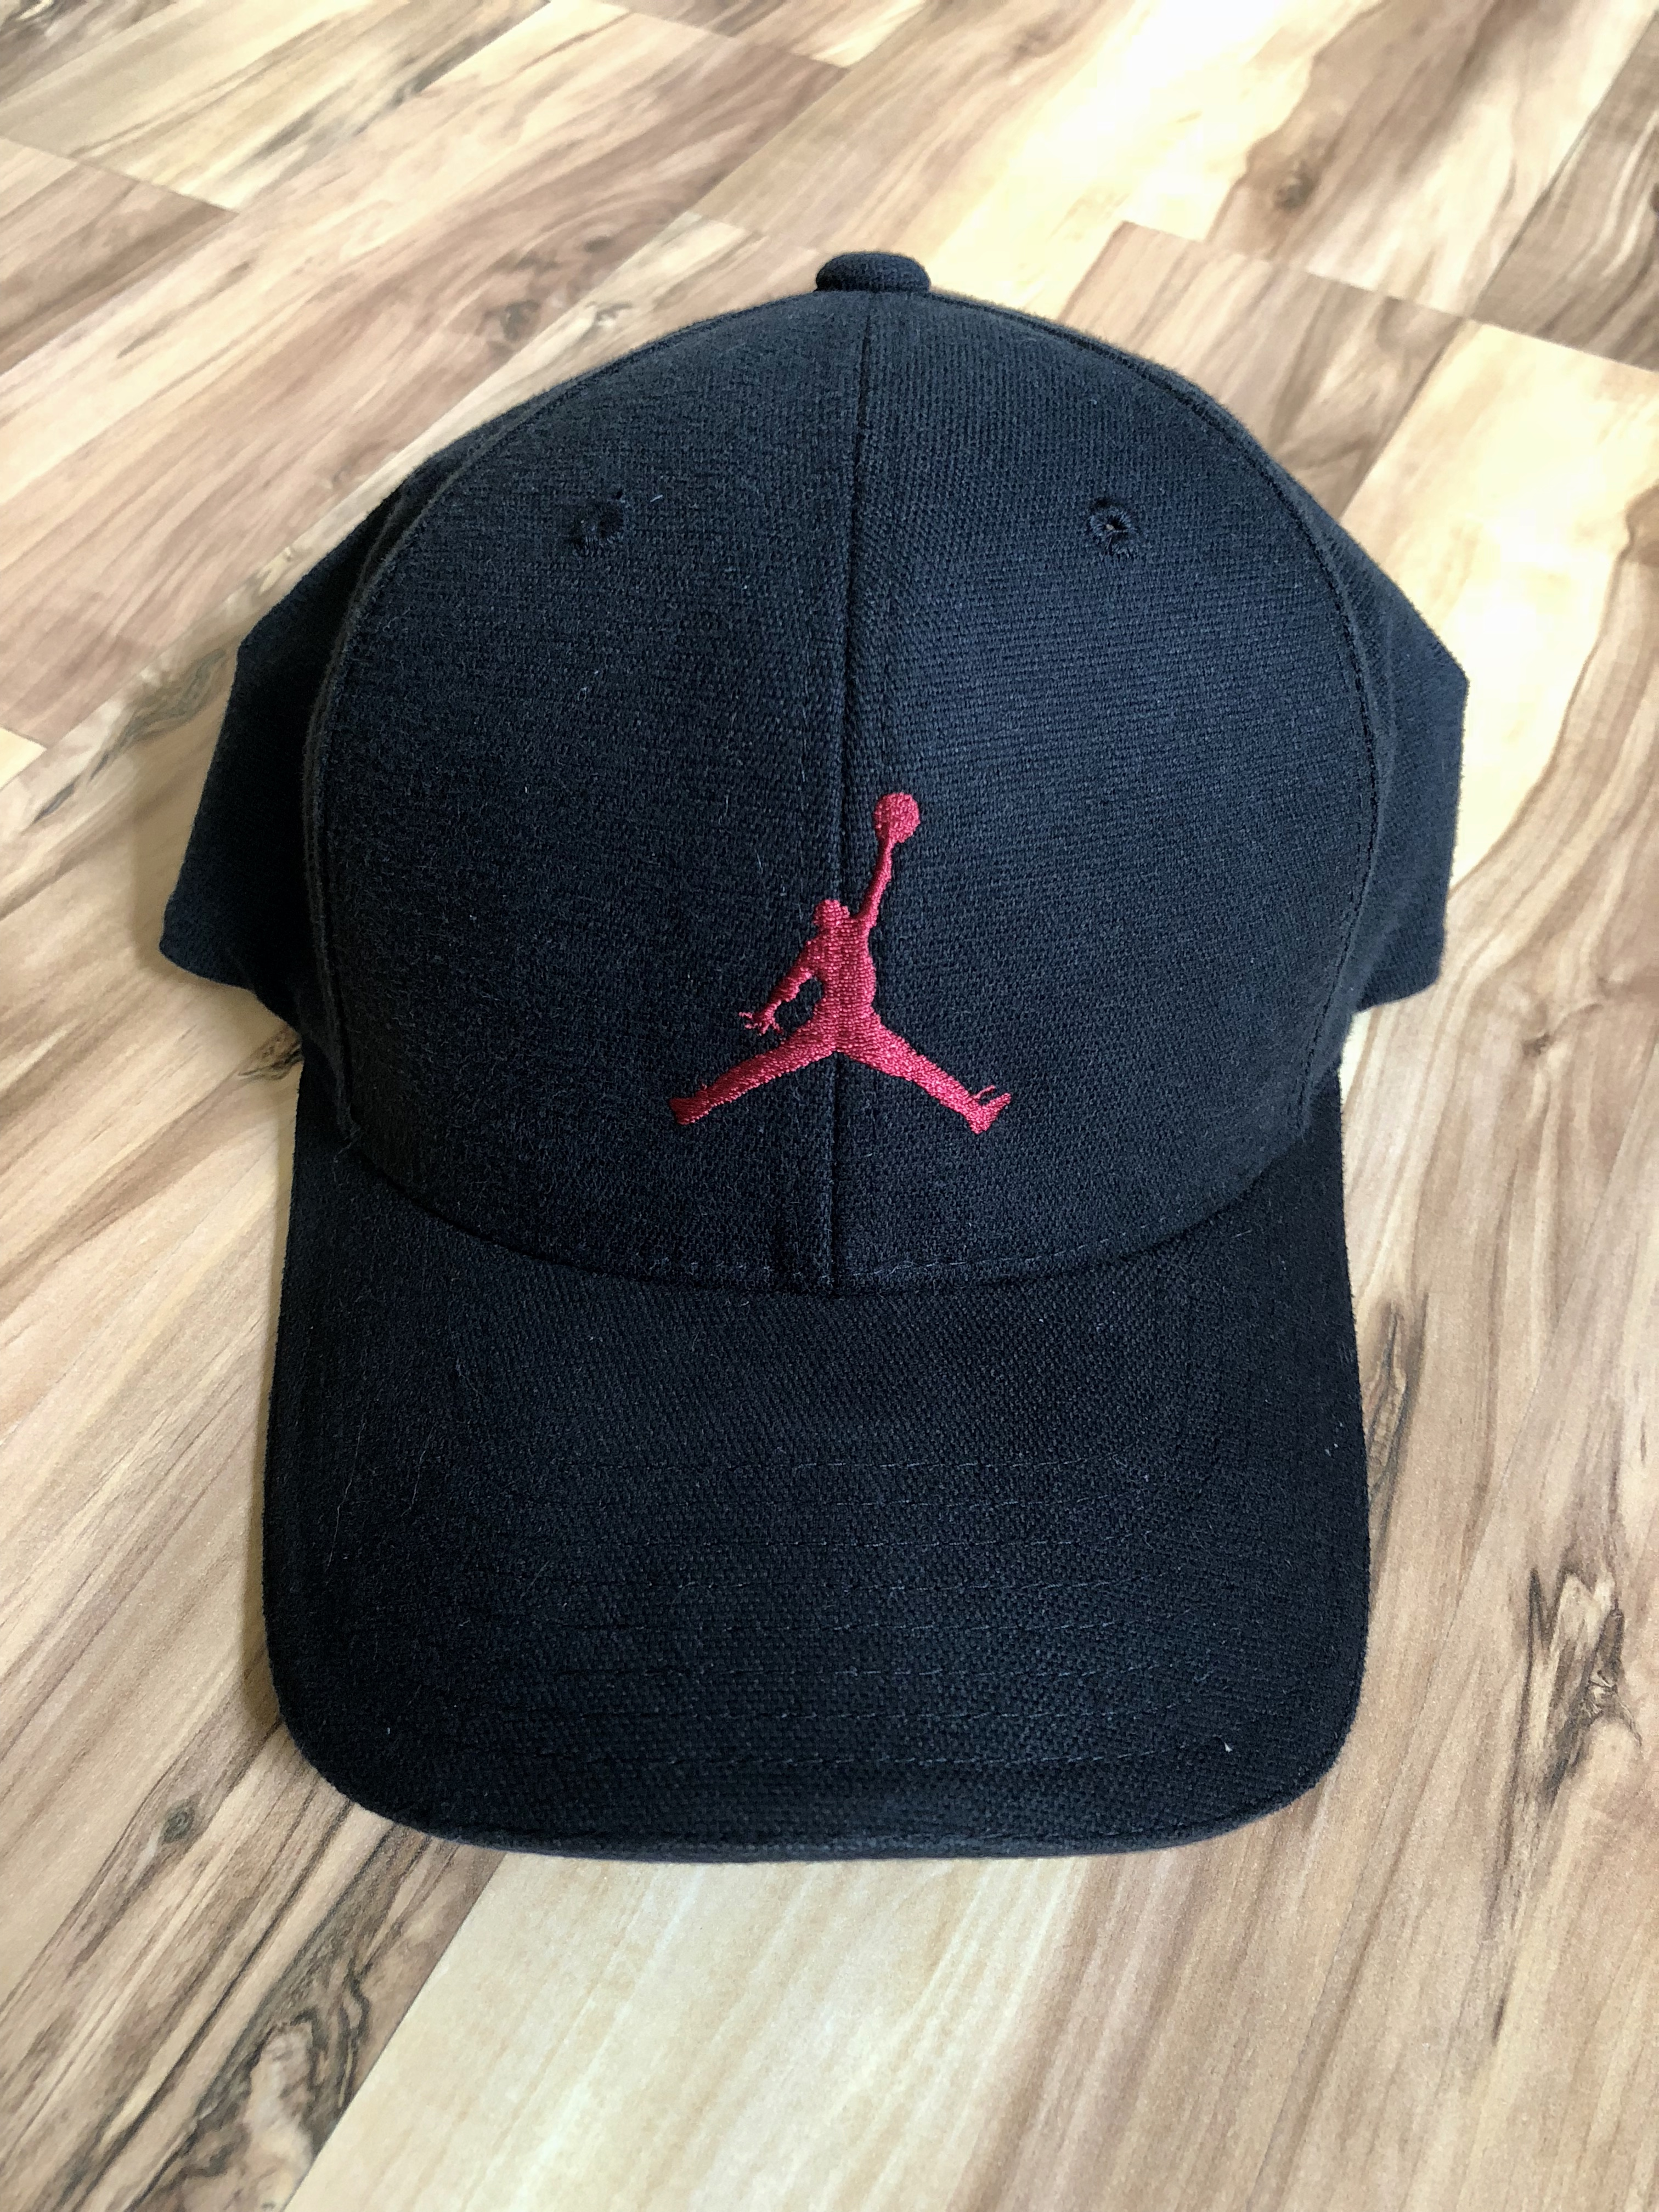 Nike 2000s Jordan Fits Like A Glove Jumpman Logo 6 Panel Curve Bill ... 7fe3590f6e6